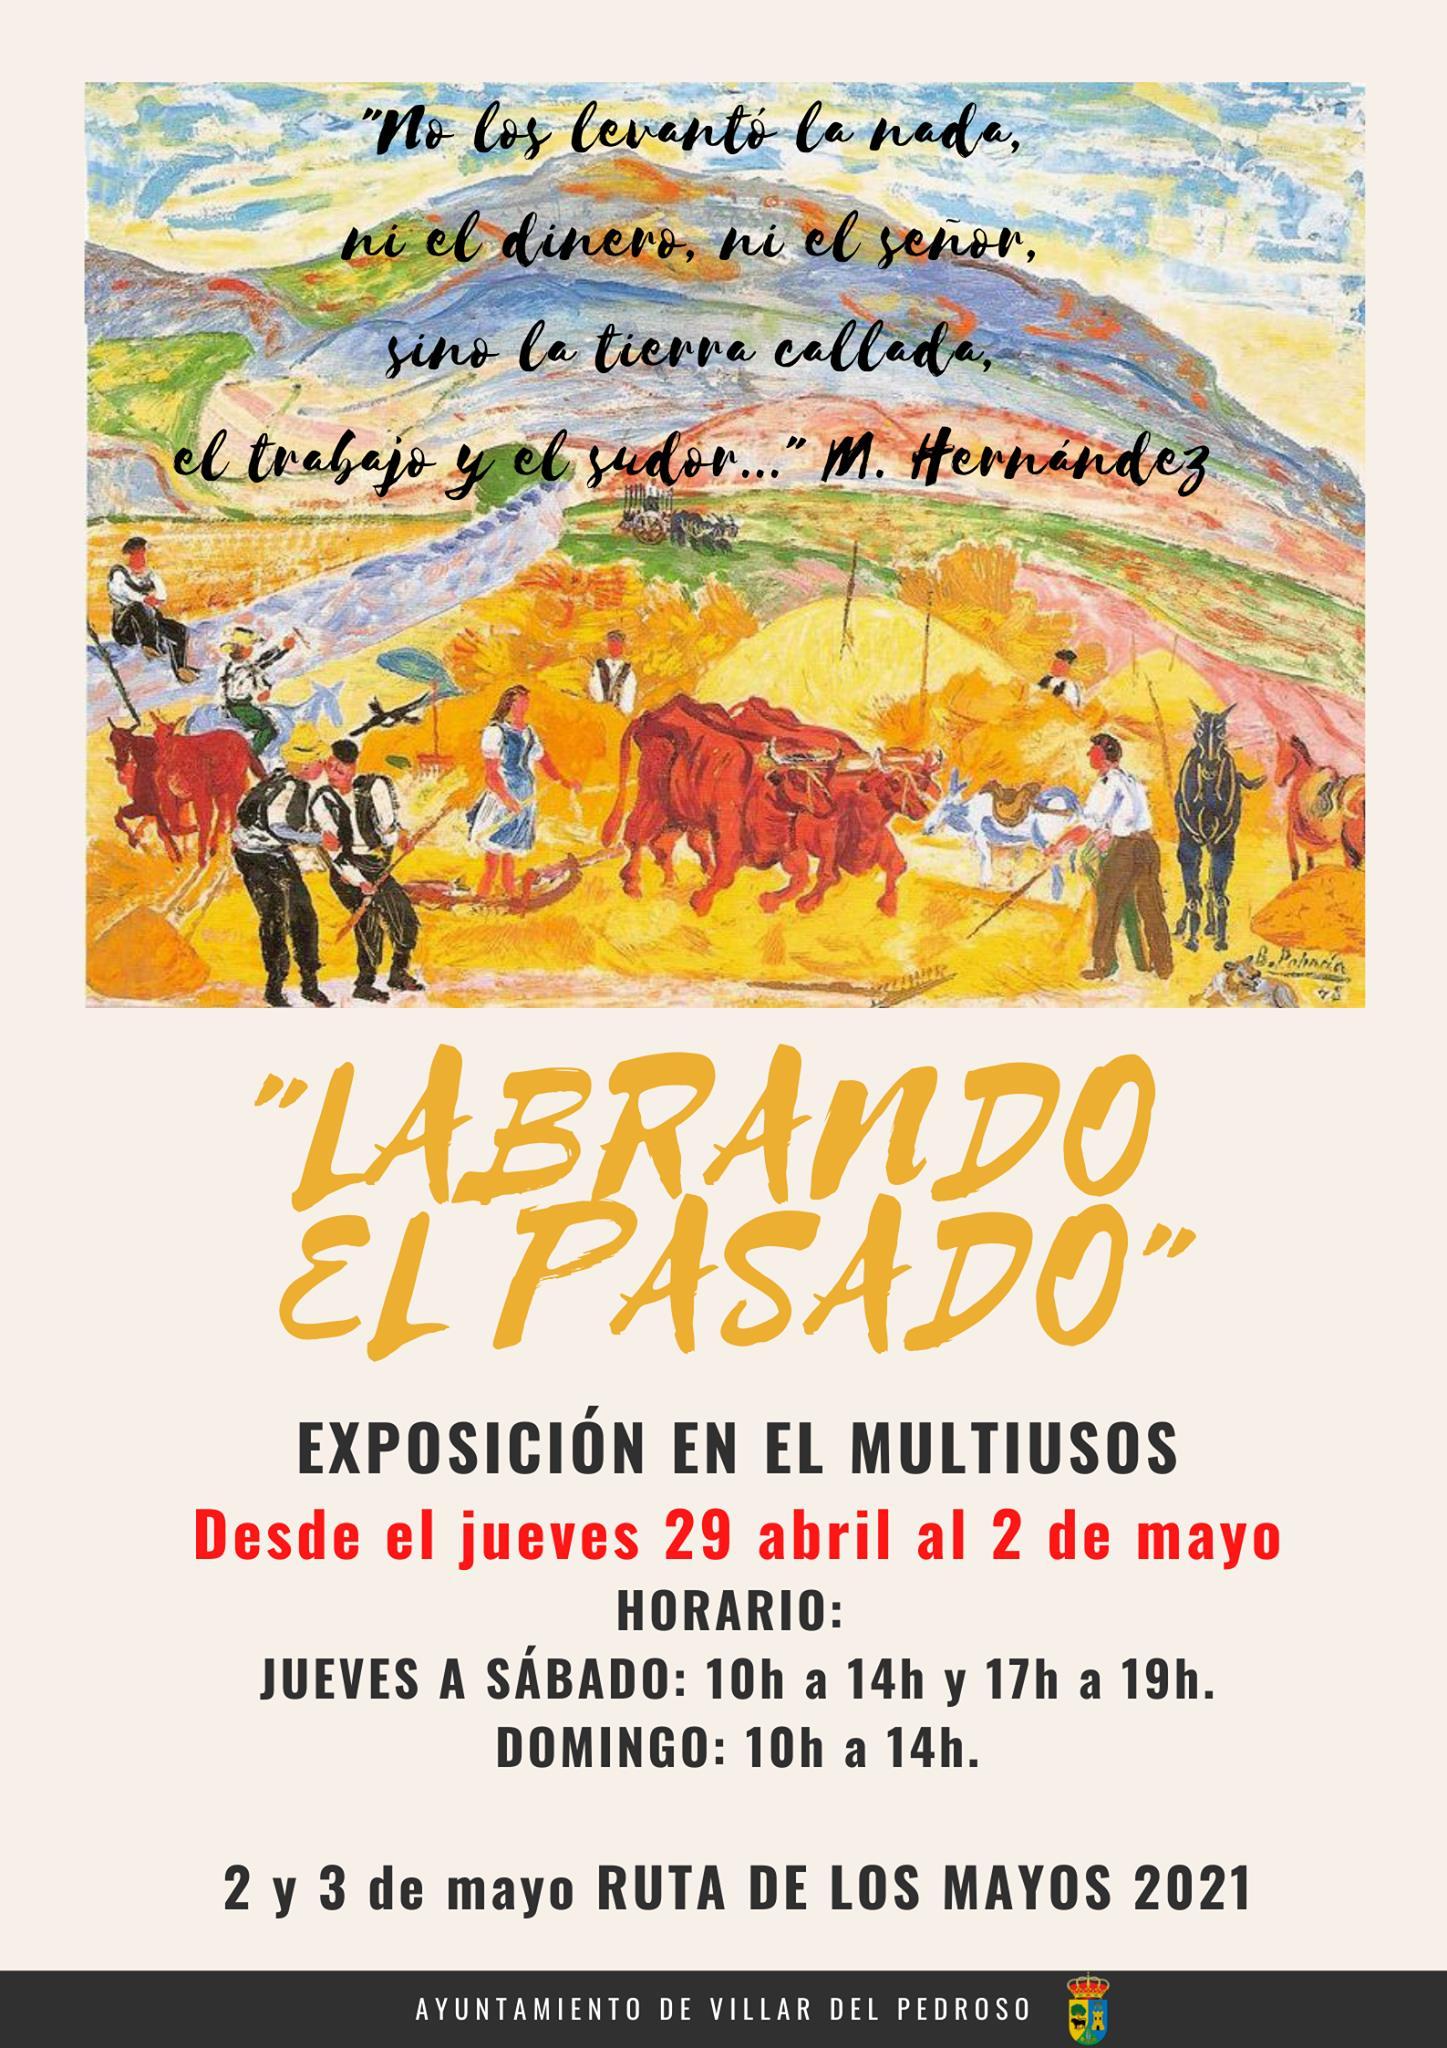 Exposición Labrando el pasado (2021) - Villar del Pedroso (Cáceres)